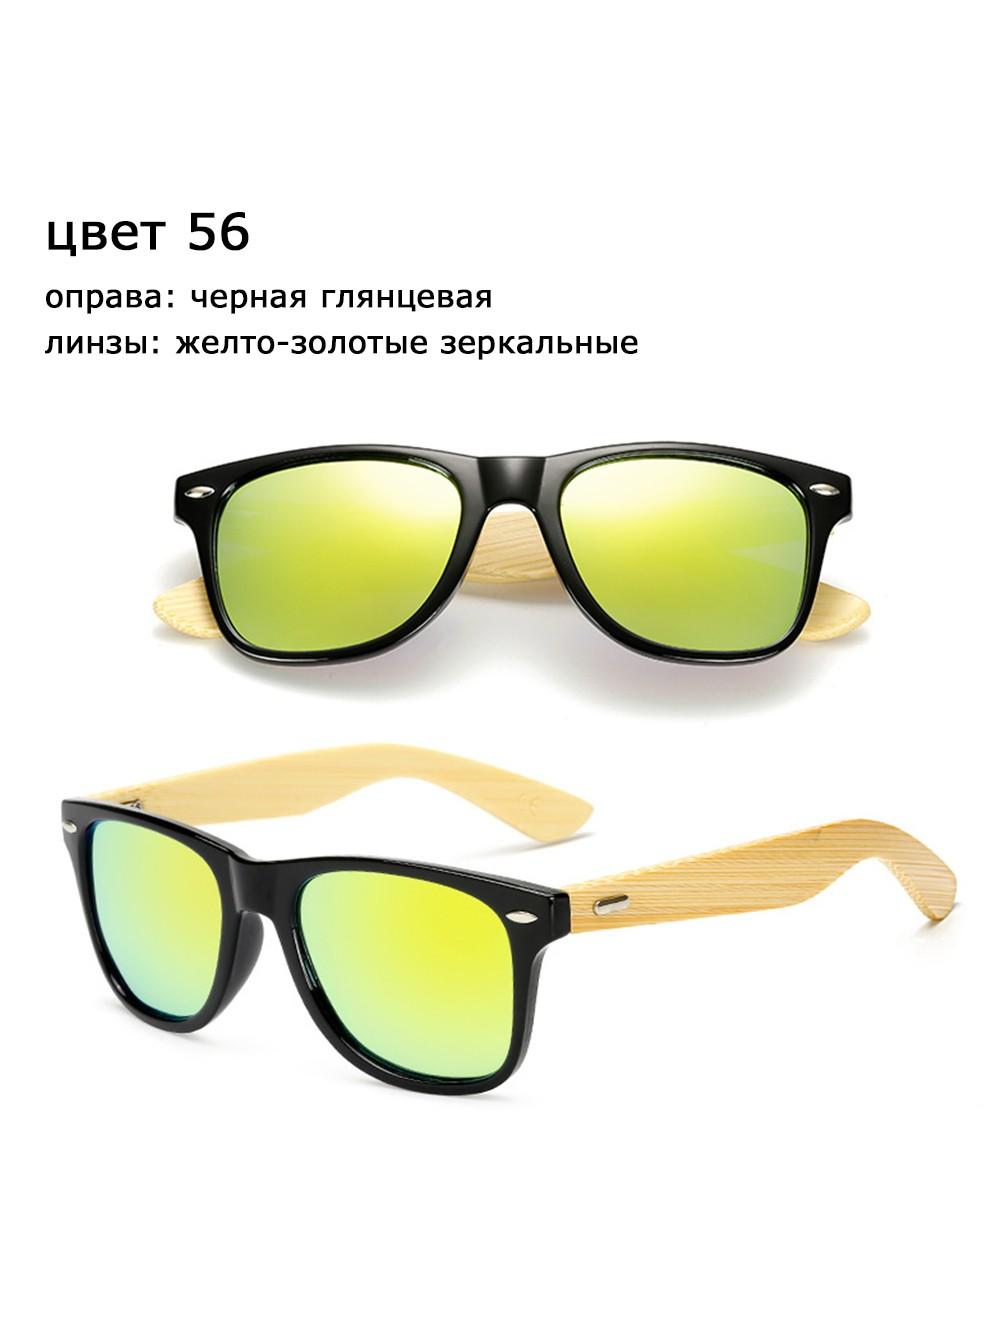 солнцезащитные очки Wayfarer 56 вайфареры с деревянными дужками